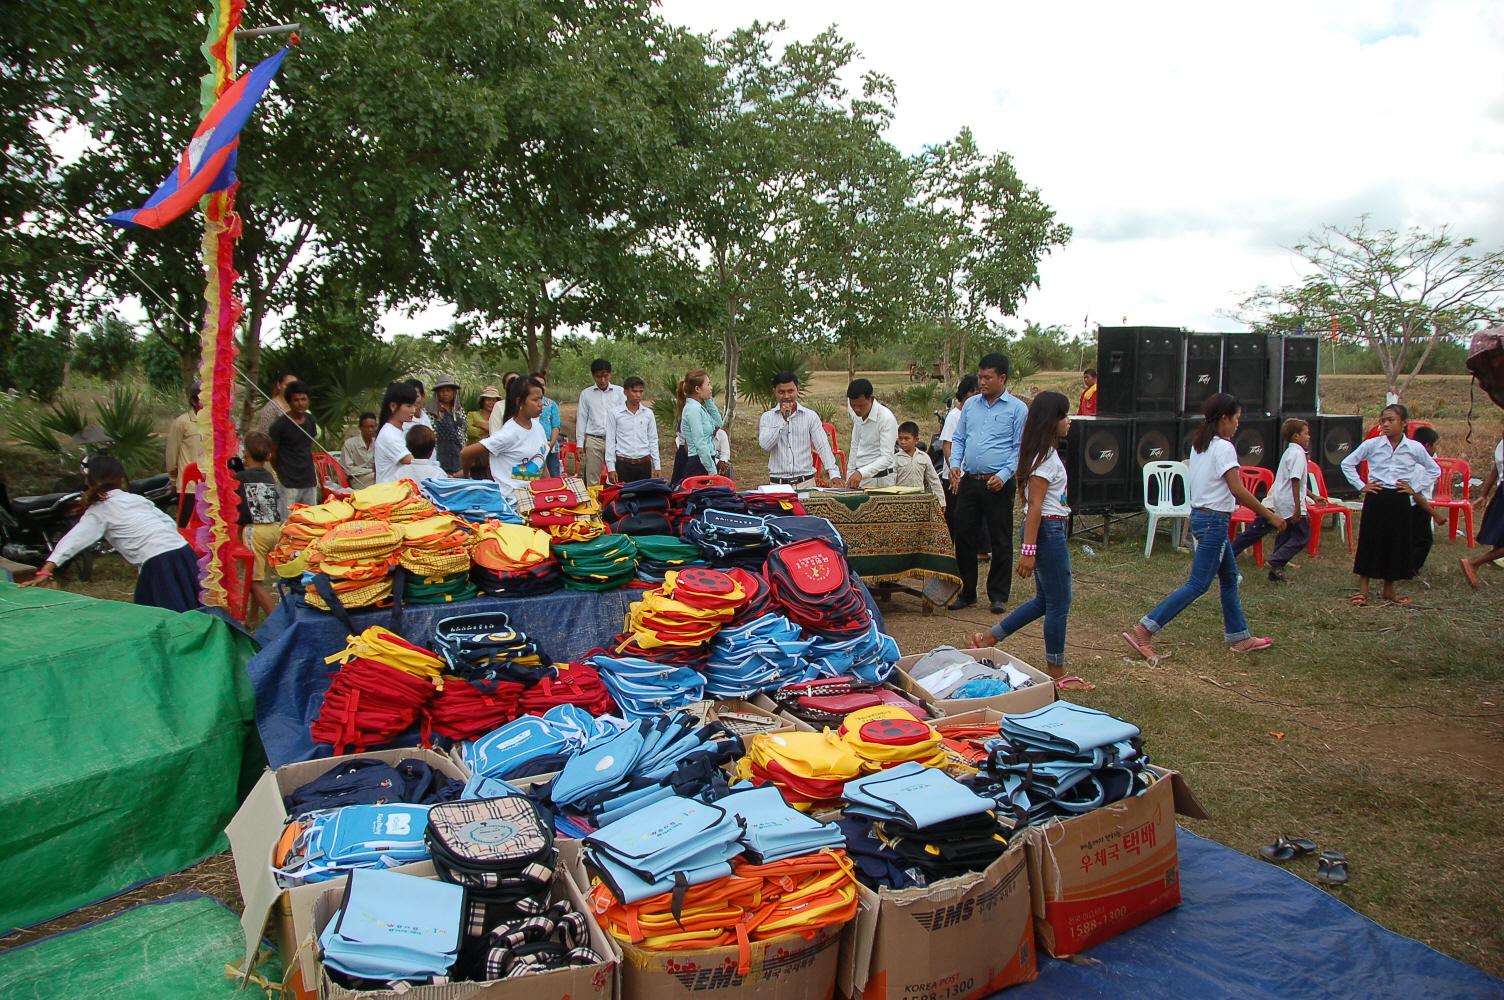 16-1 어린이날 행사장 한켠에서 여러분이 모아주신 가방이 나란히 줄지어 놓여있습니다..JPG